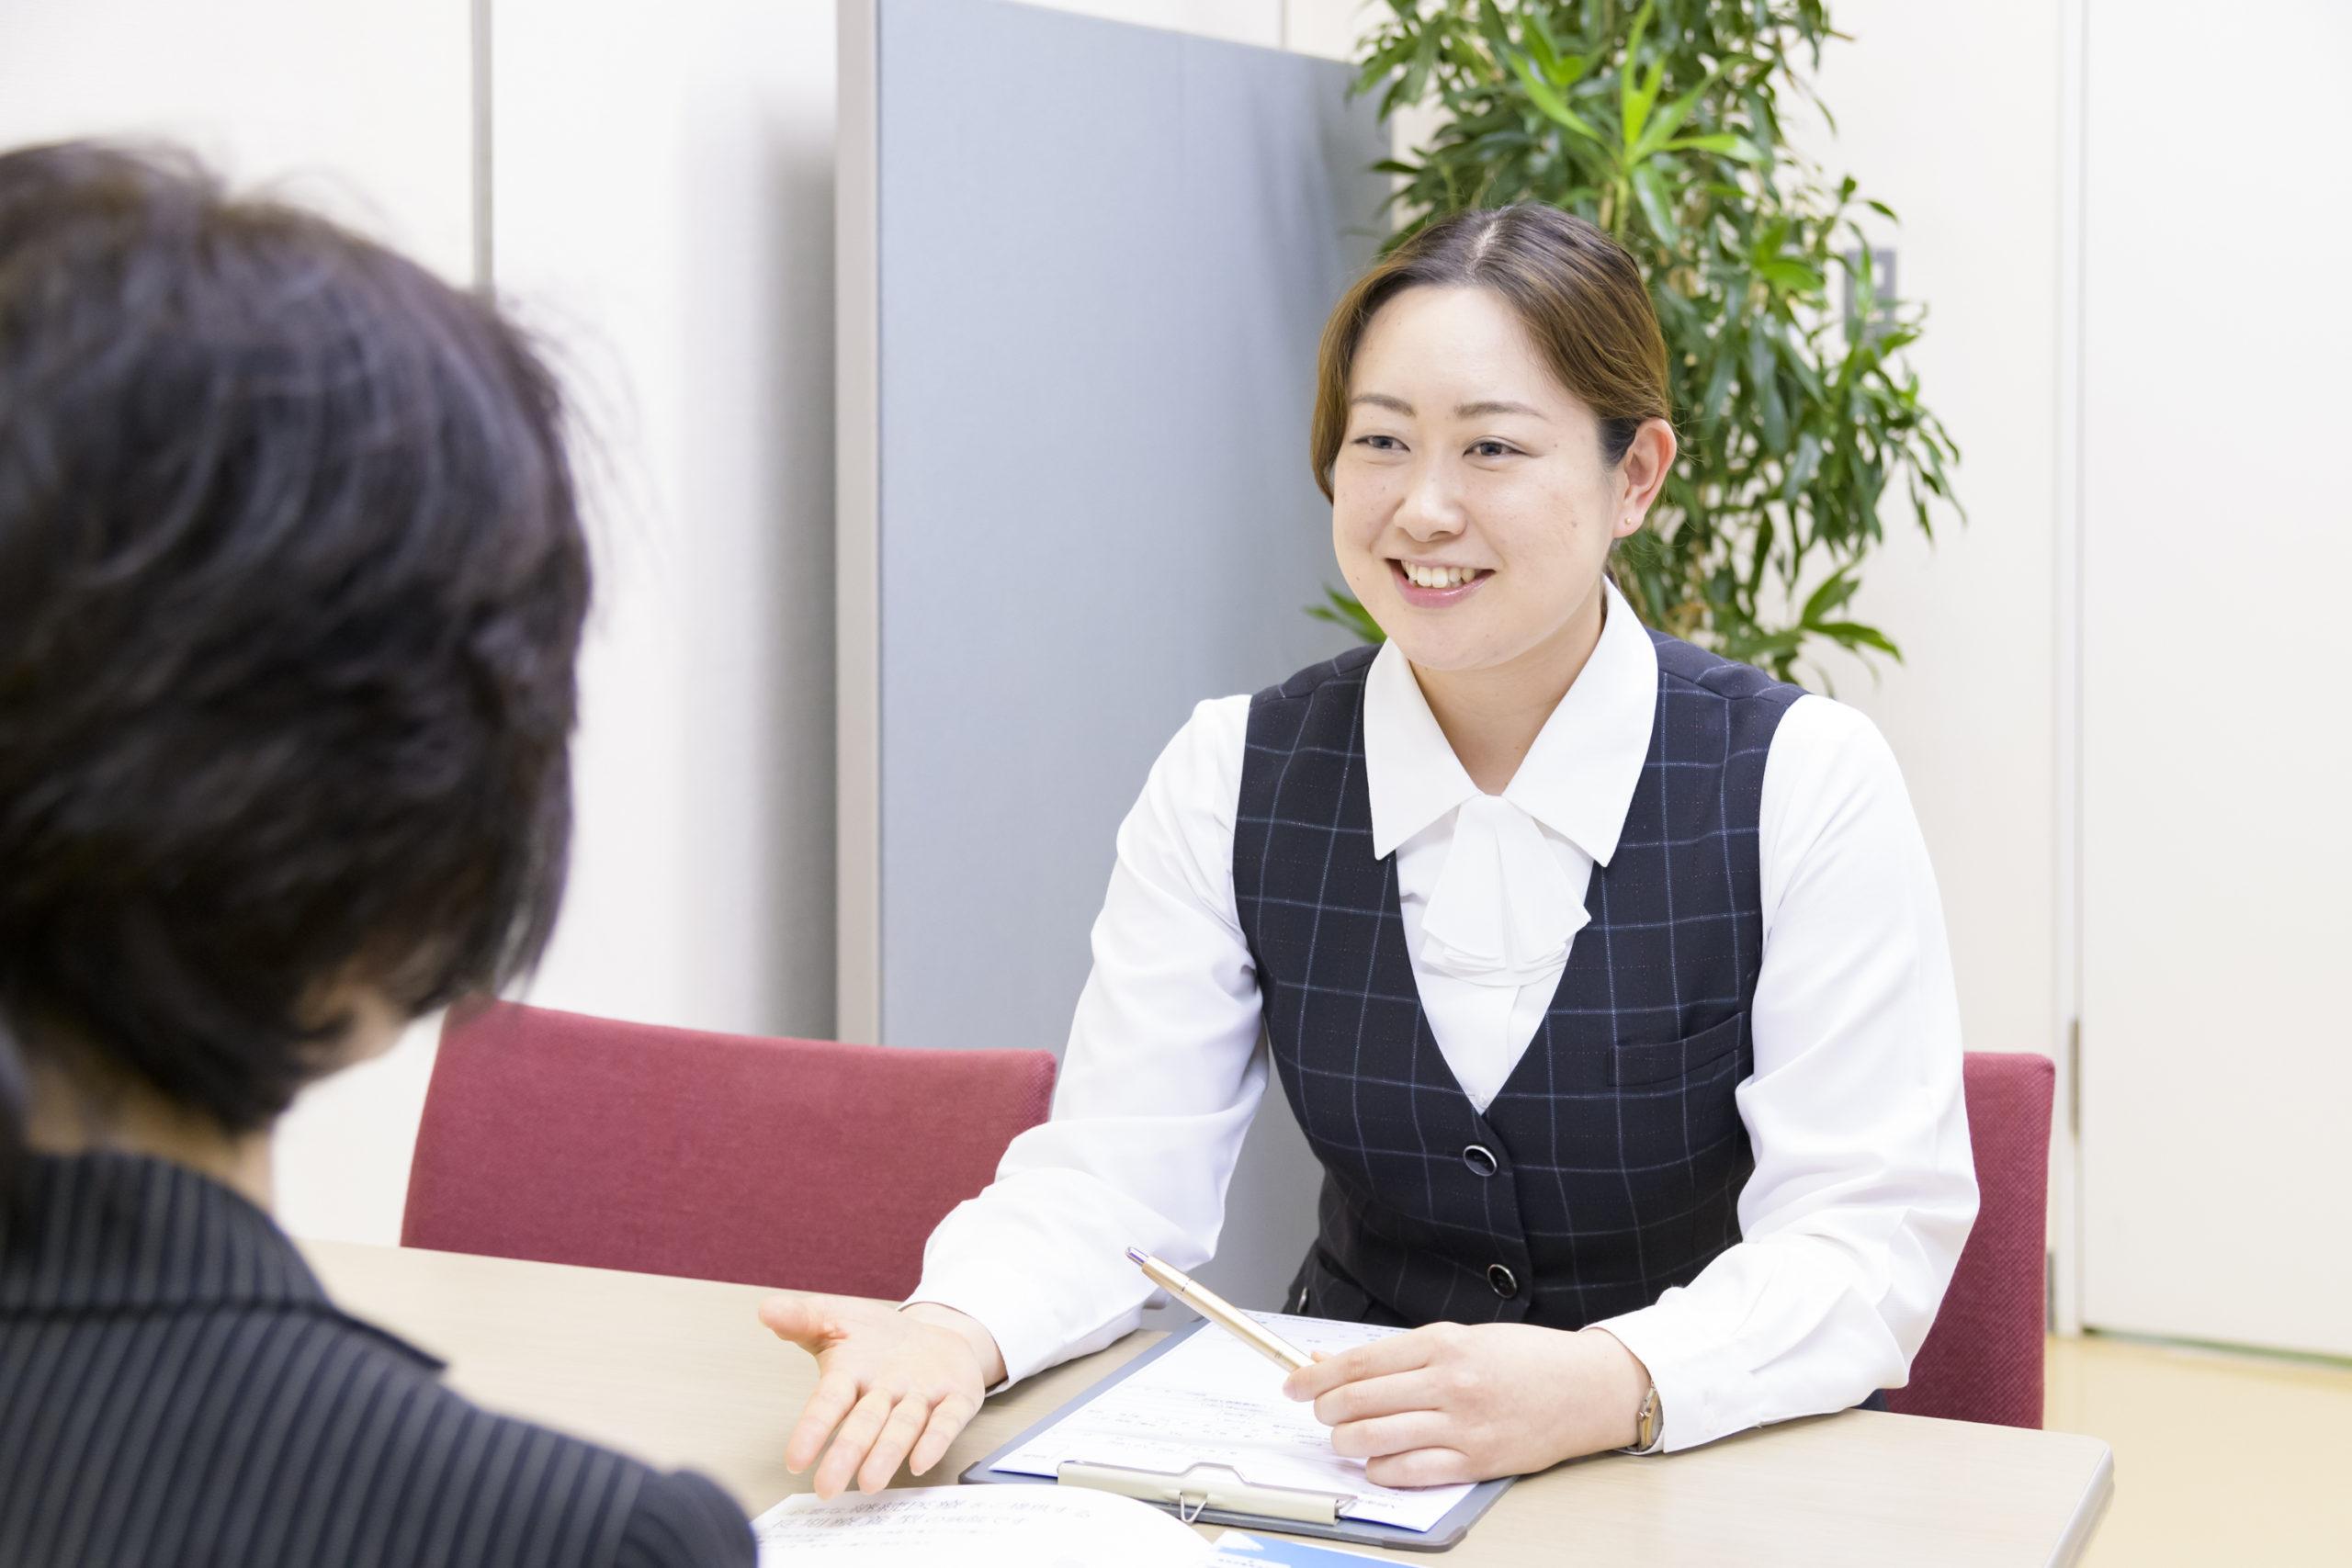 医療相談員(社会福祉士)